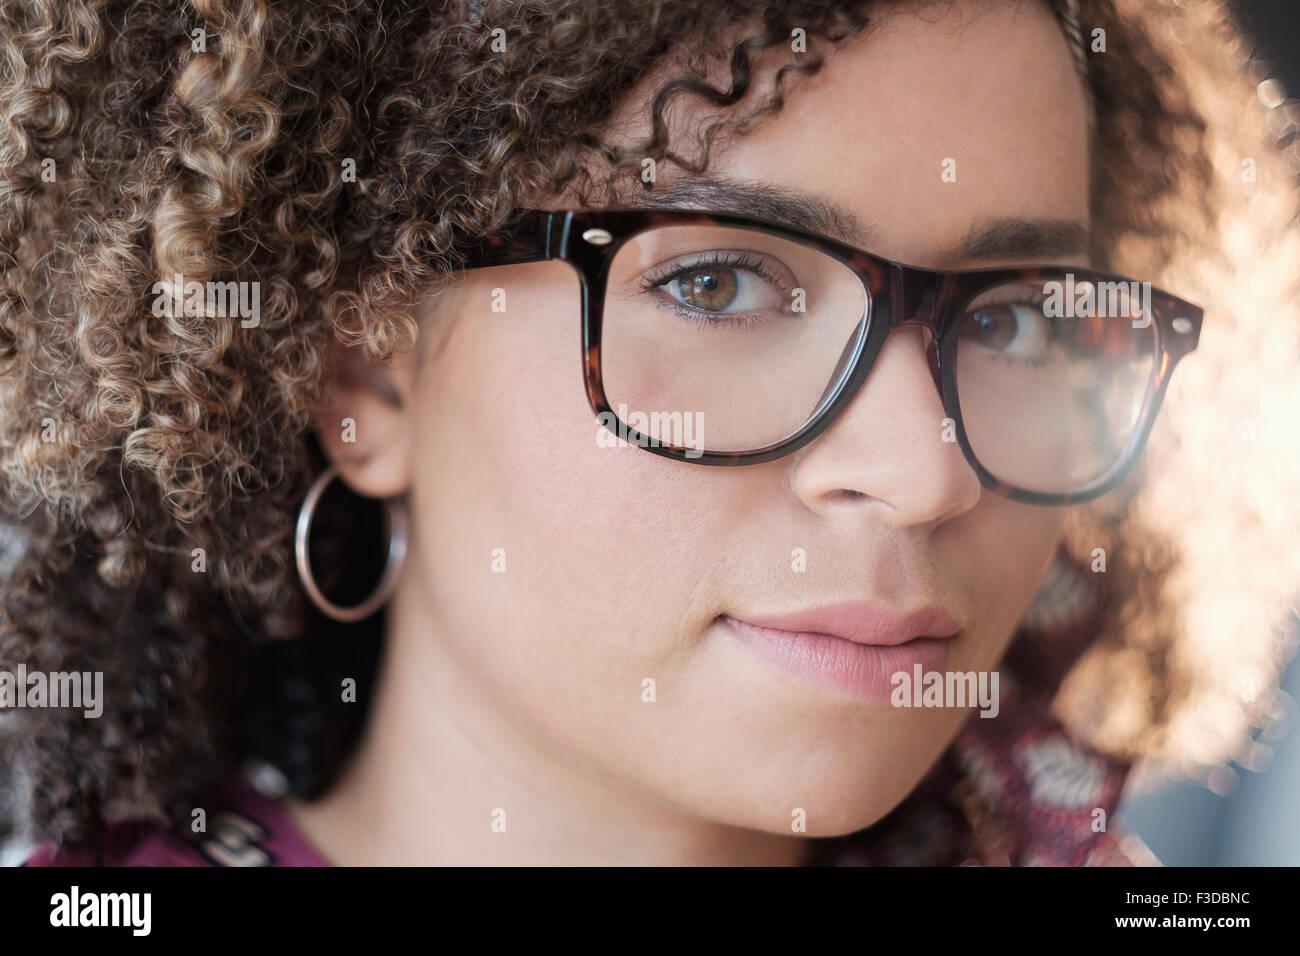 Portrait de femme aux cheveux bouclés Photo Stock